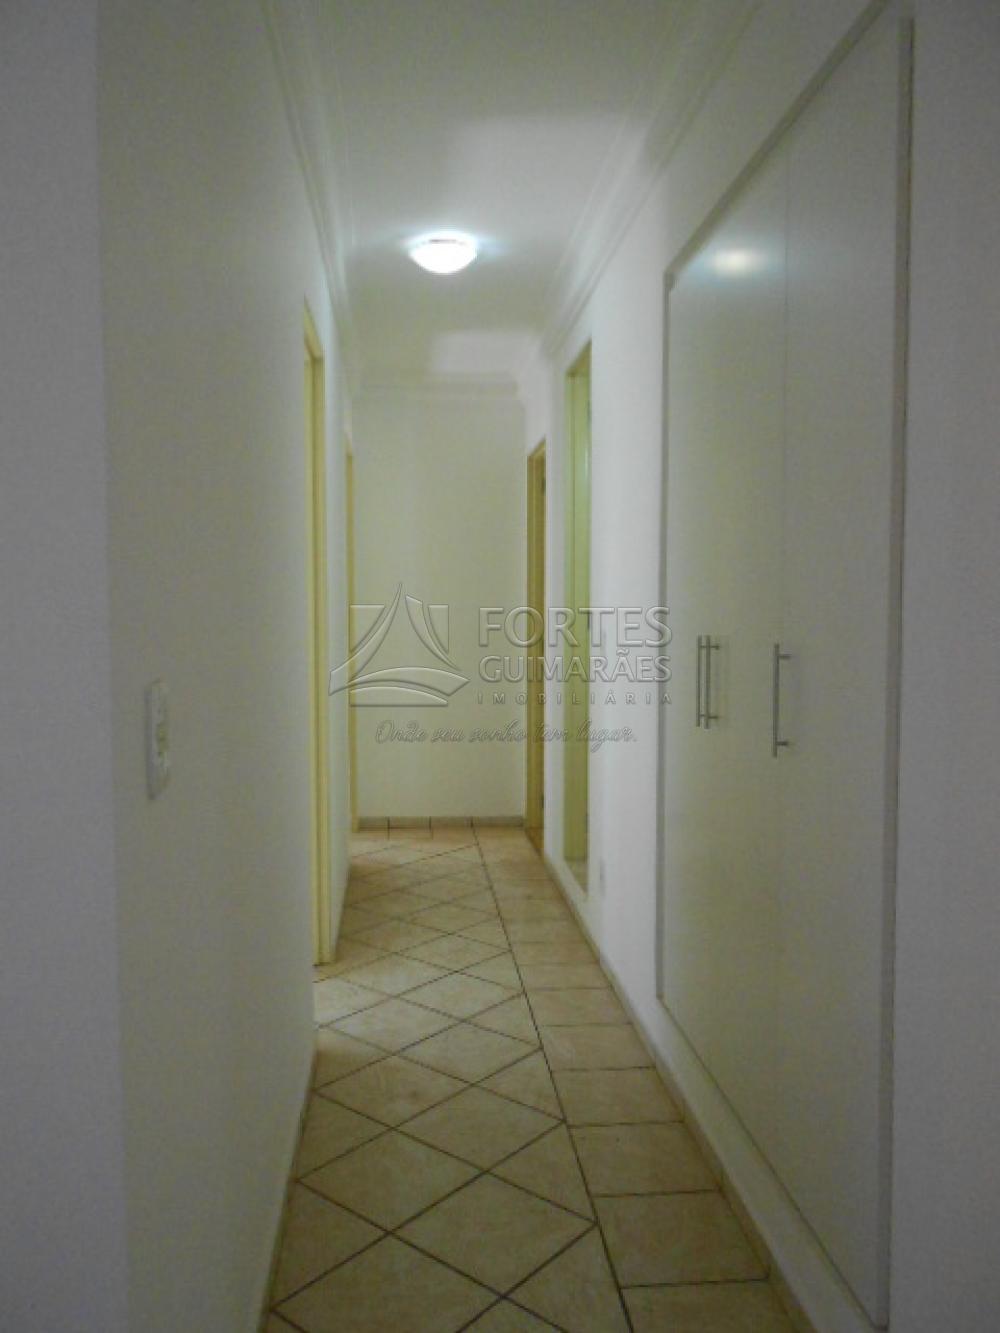 Alugar Apartamentos / Padrão em Ribeirão Preto apenas R$ 950,00 - Foto 11